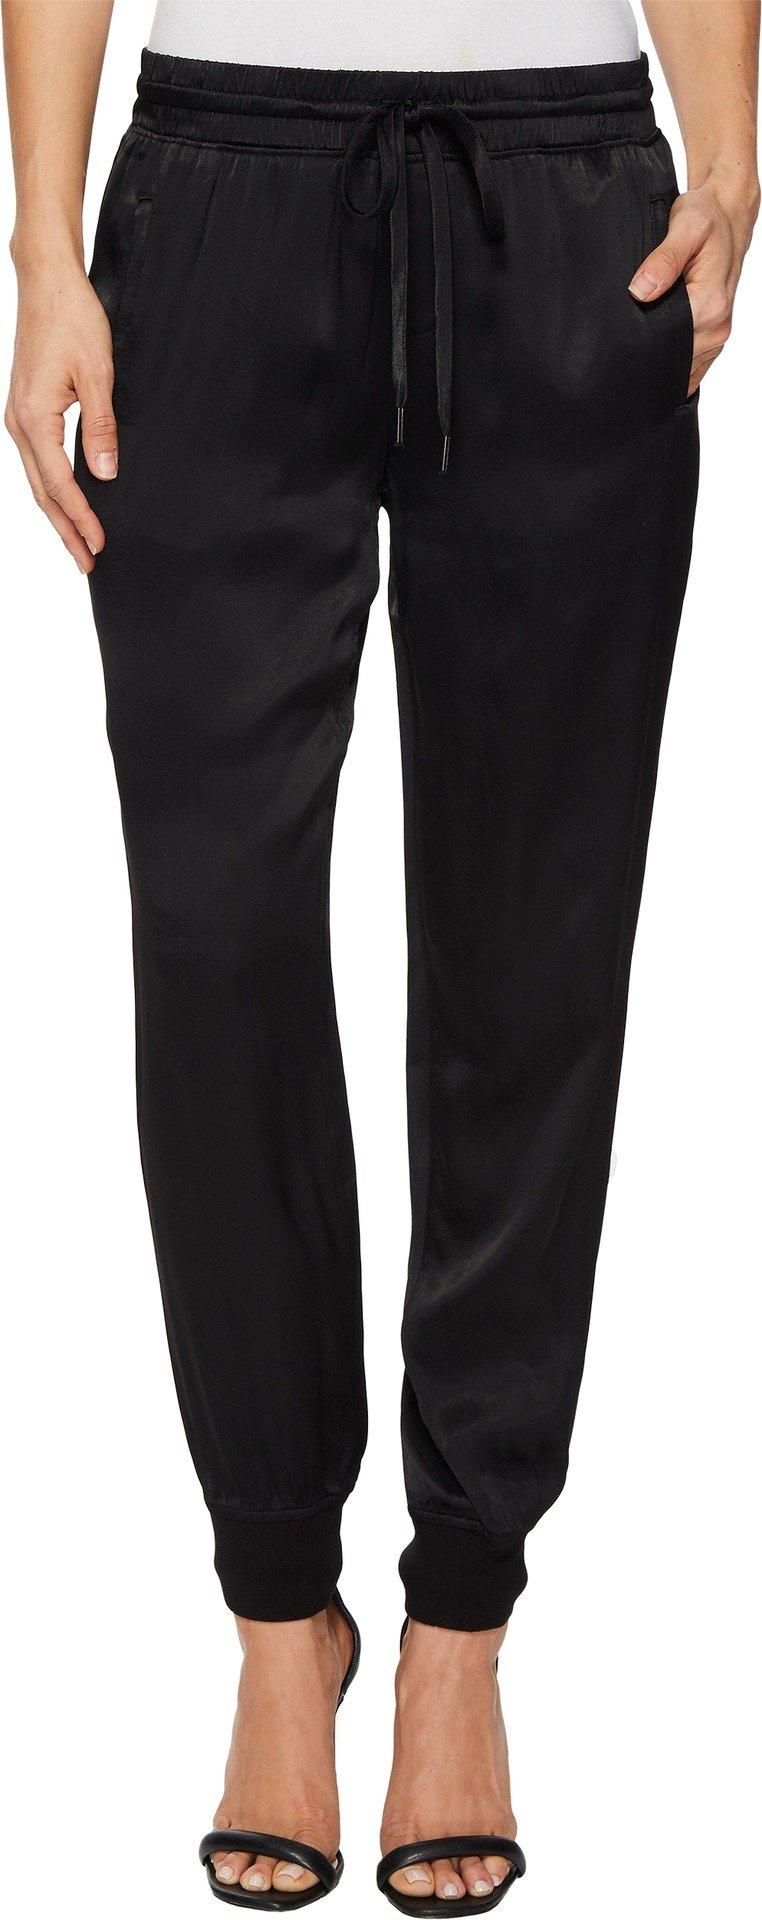 Sanctuary Women's Dreamer Satin Jogger Pants Black Medium